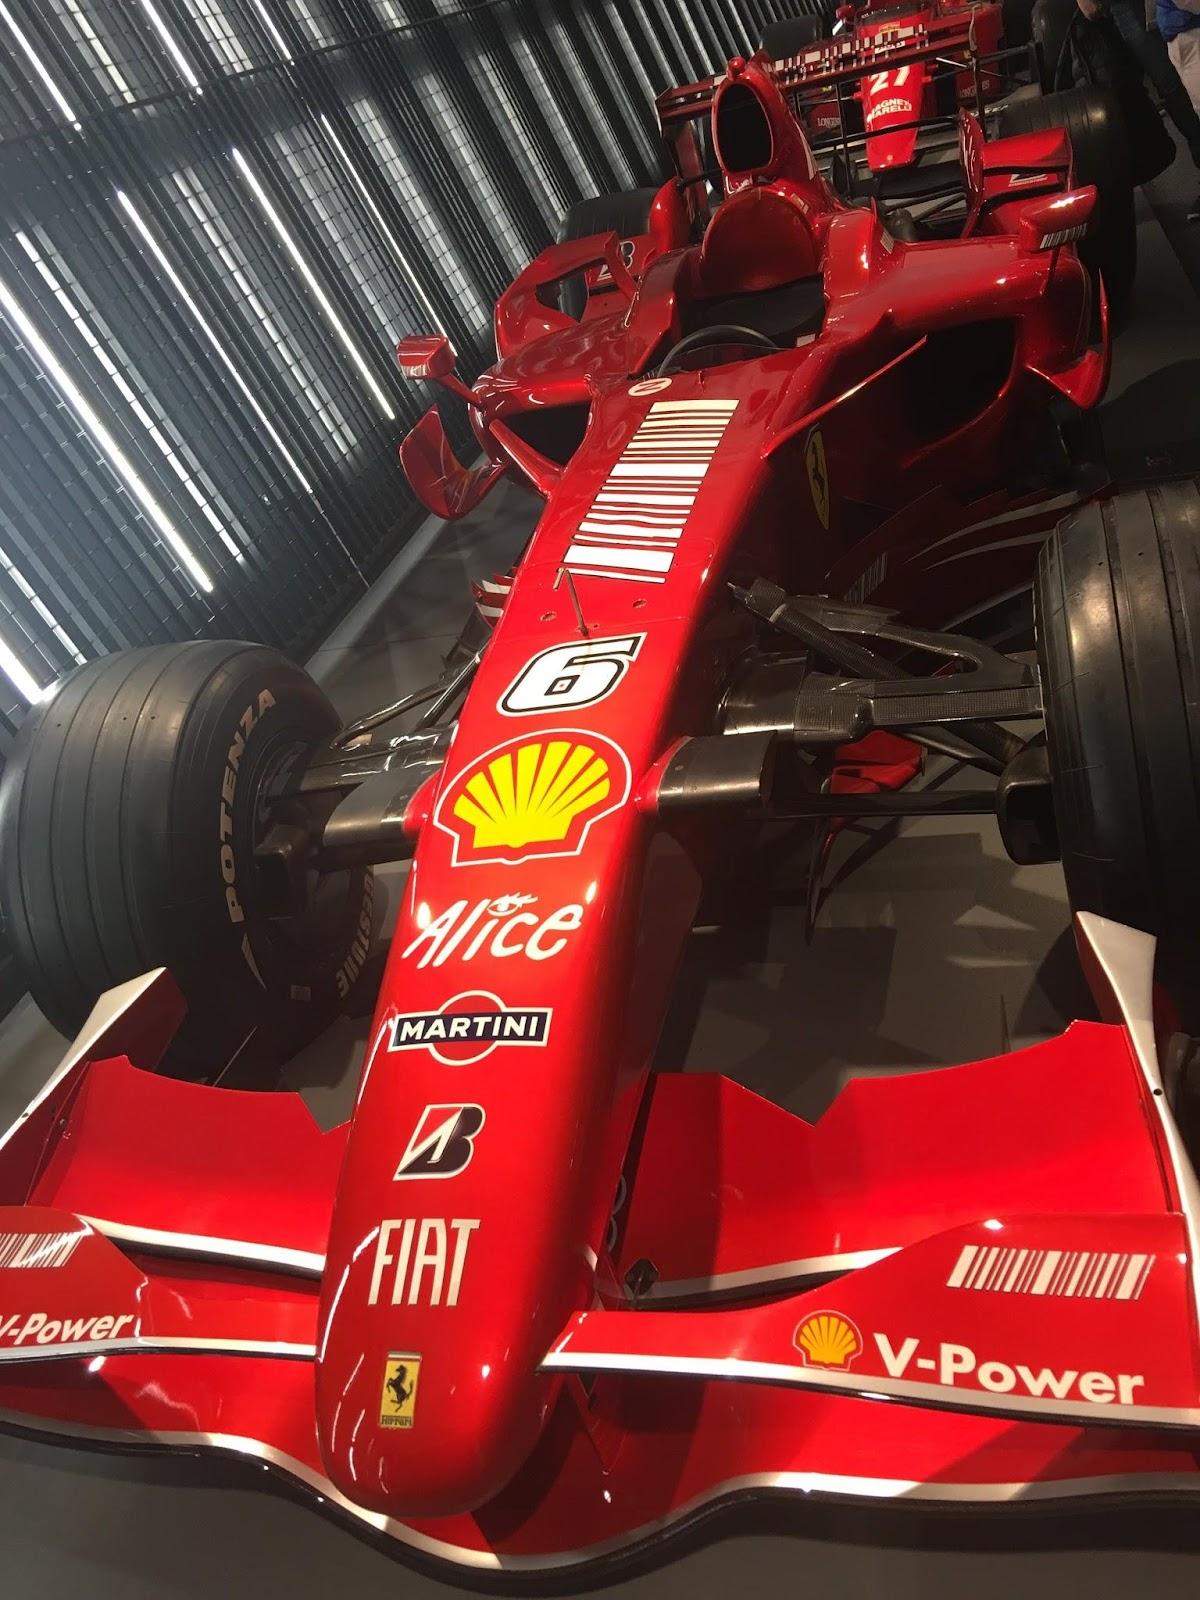 Kimi Raikkonen's ferrari formula 1 car